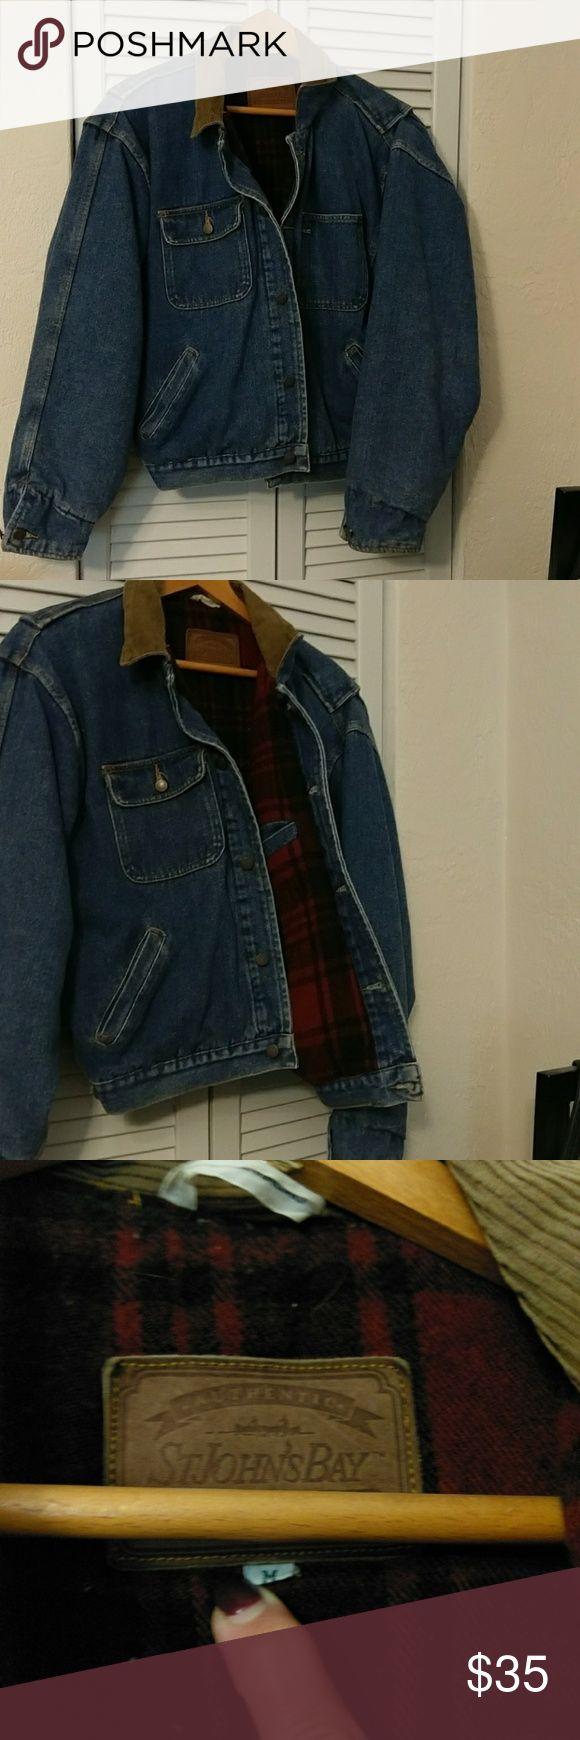 Men's Jean Jacket. Flannel lined. St.  John's Bay flannel lined jean jacket St. John's Bay Jackets & Coats Ski & Snowboard